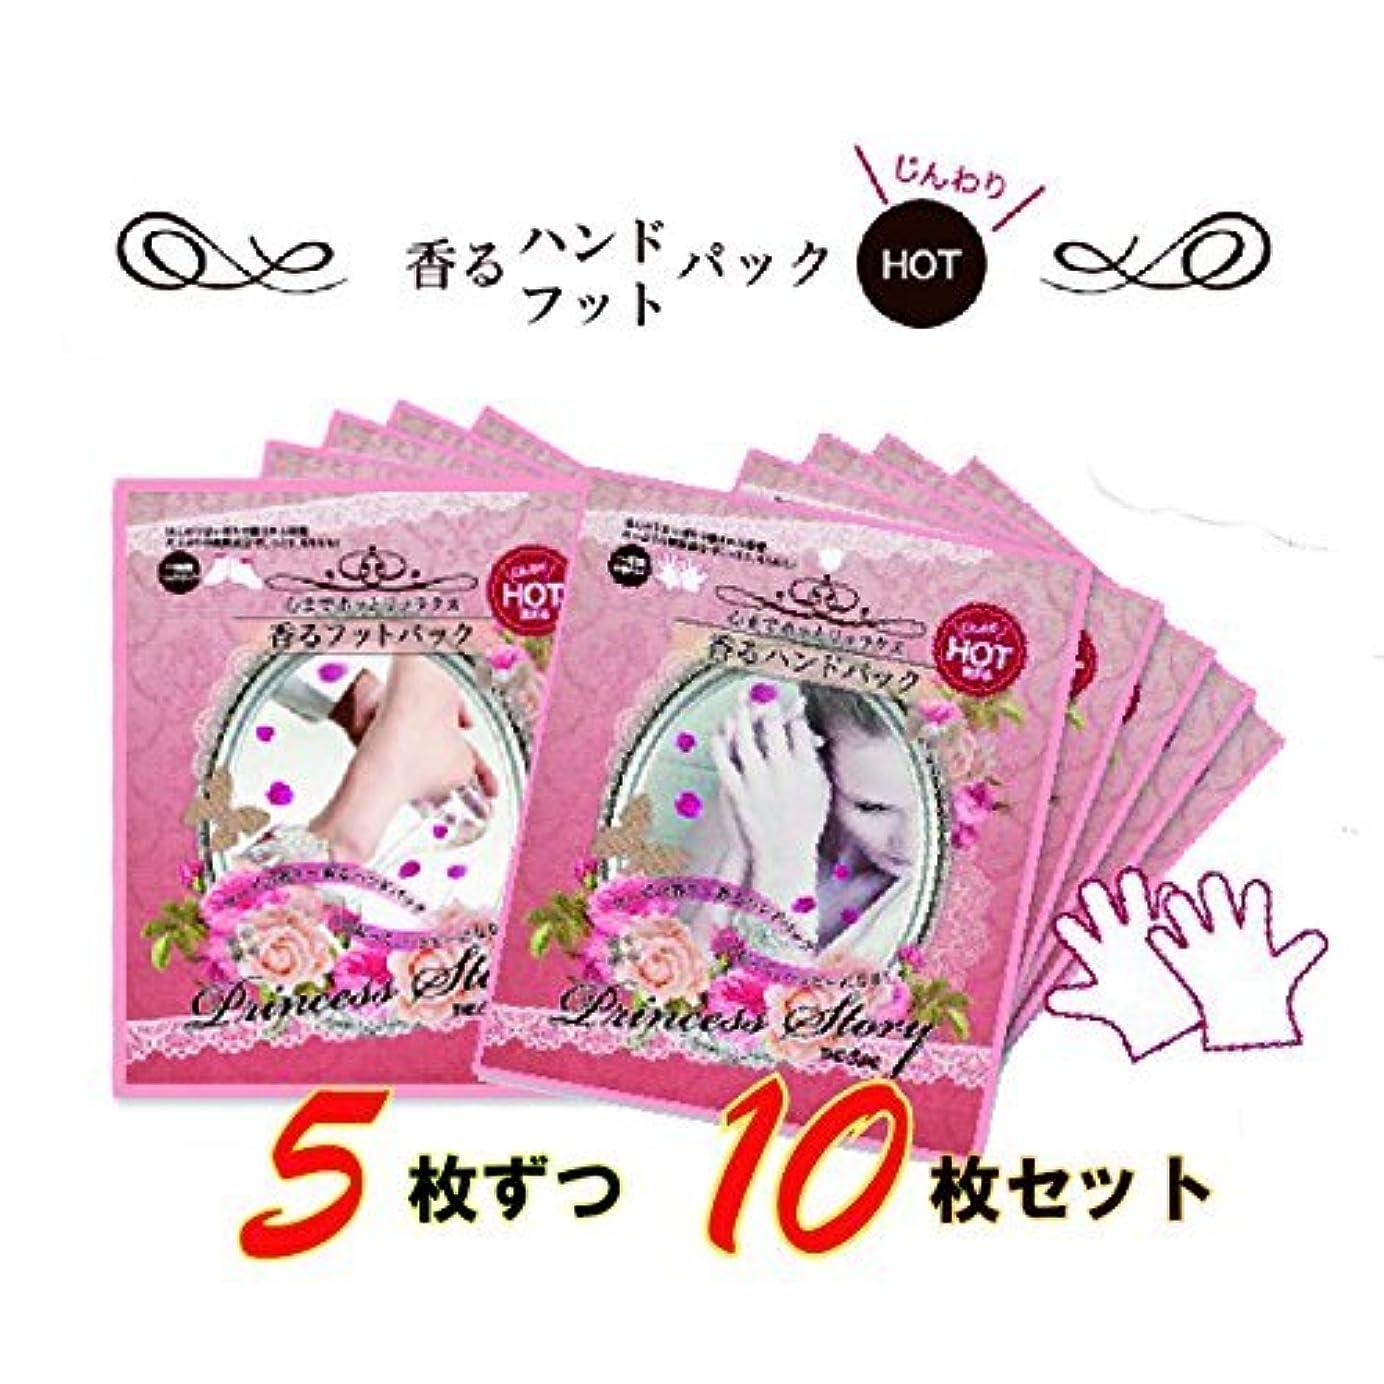 エジプト涙パネル香るハンド &フットパック HOT キュア プリンセス ストーリーTHE CURE 5枚ずつ10枚セット